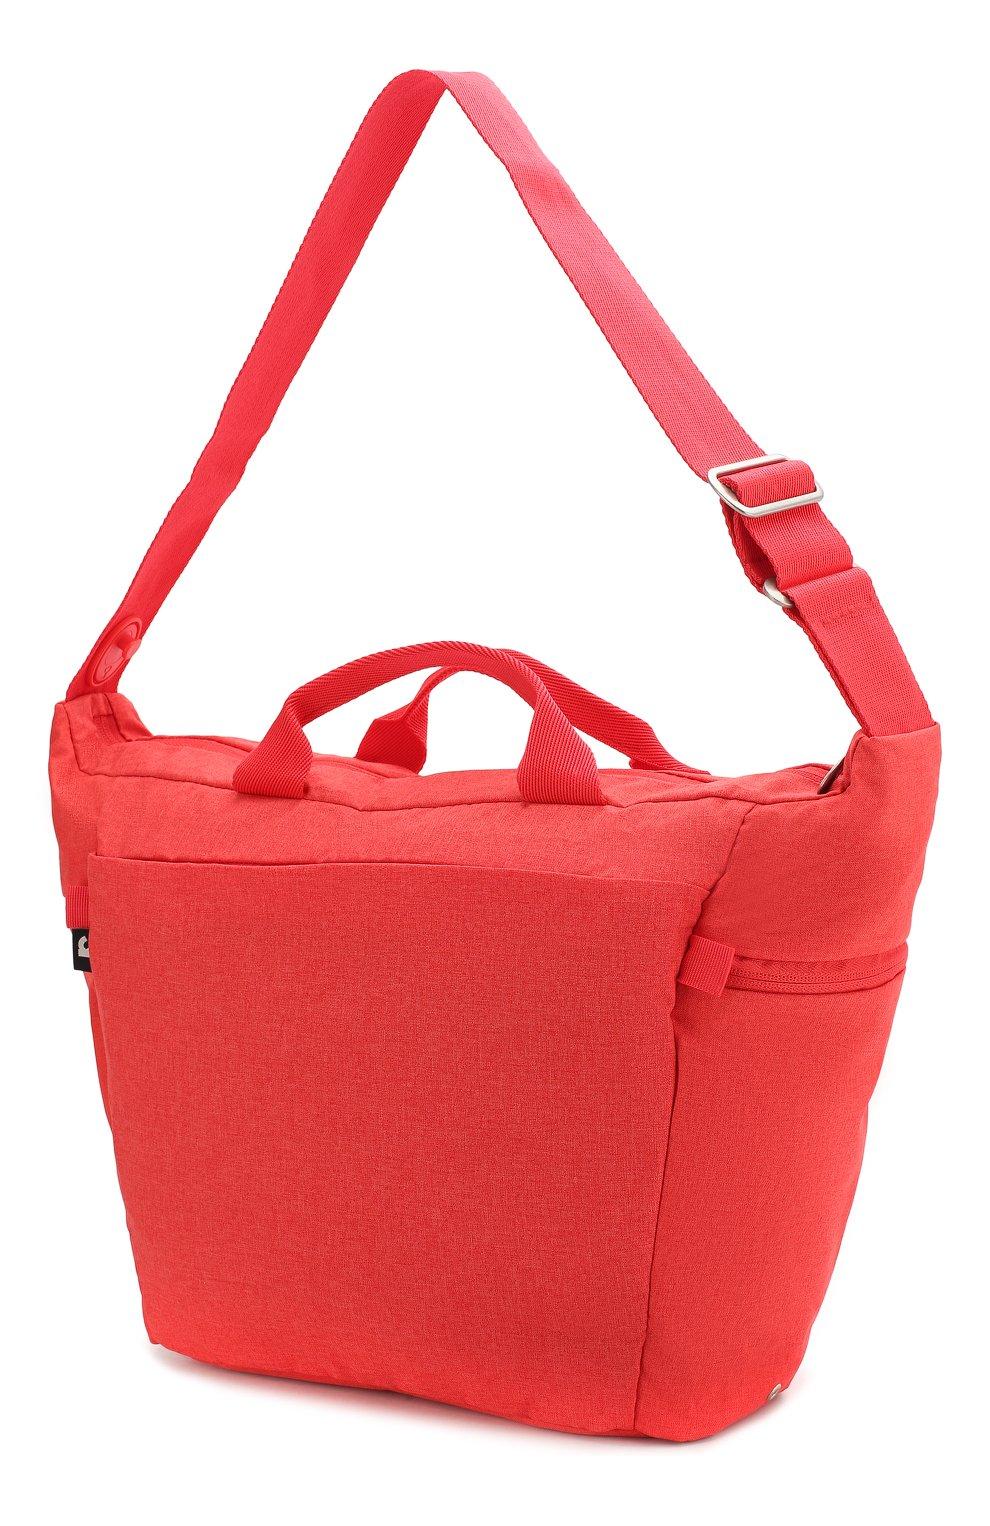 Детская сумка doona medium SIMPLE PARENTING красного цвета, арт. SP104-99-003-099   Фото 2 (Статус проверки: Проверена категория)